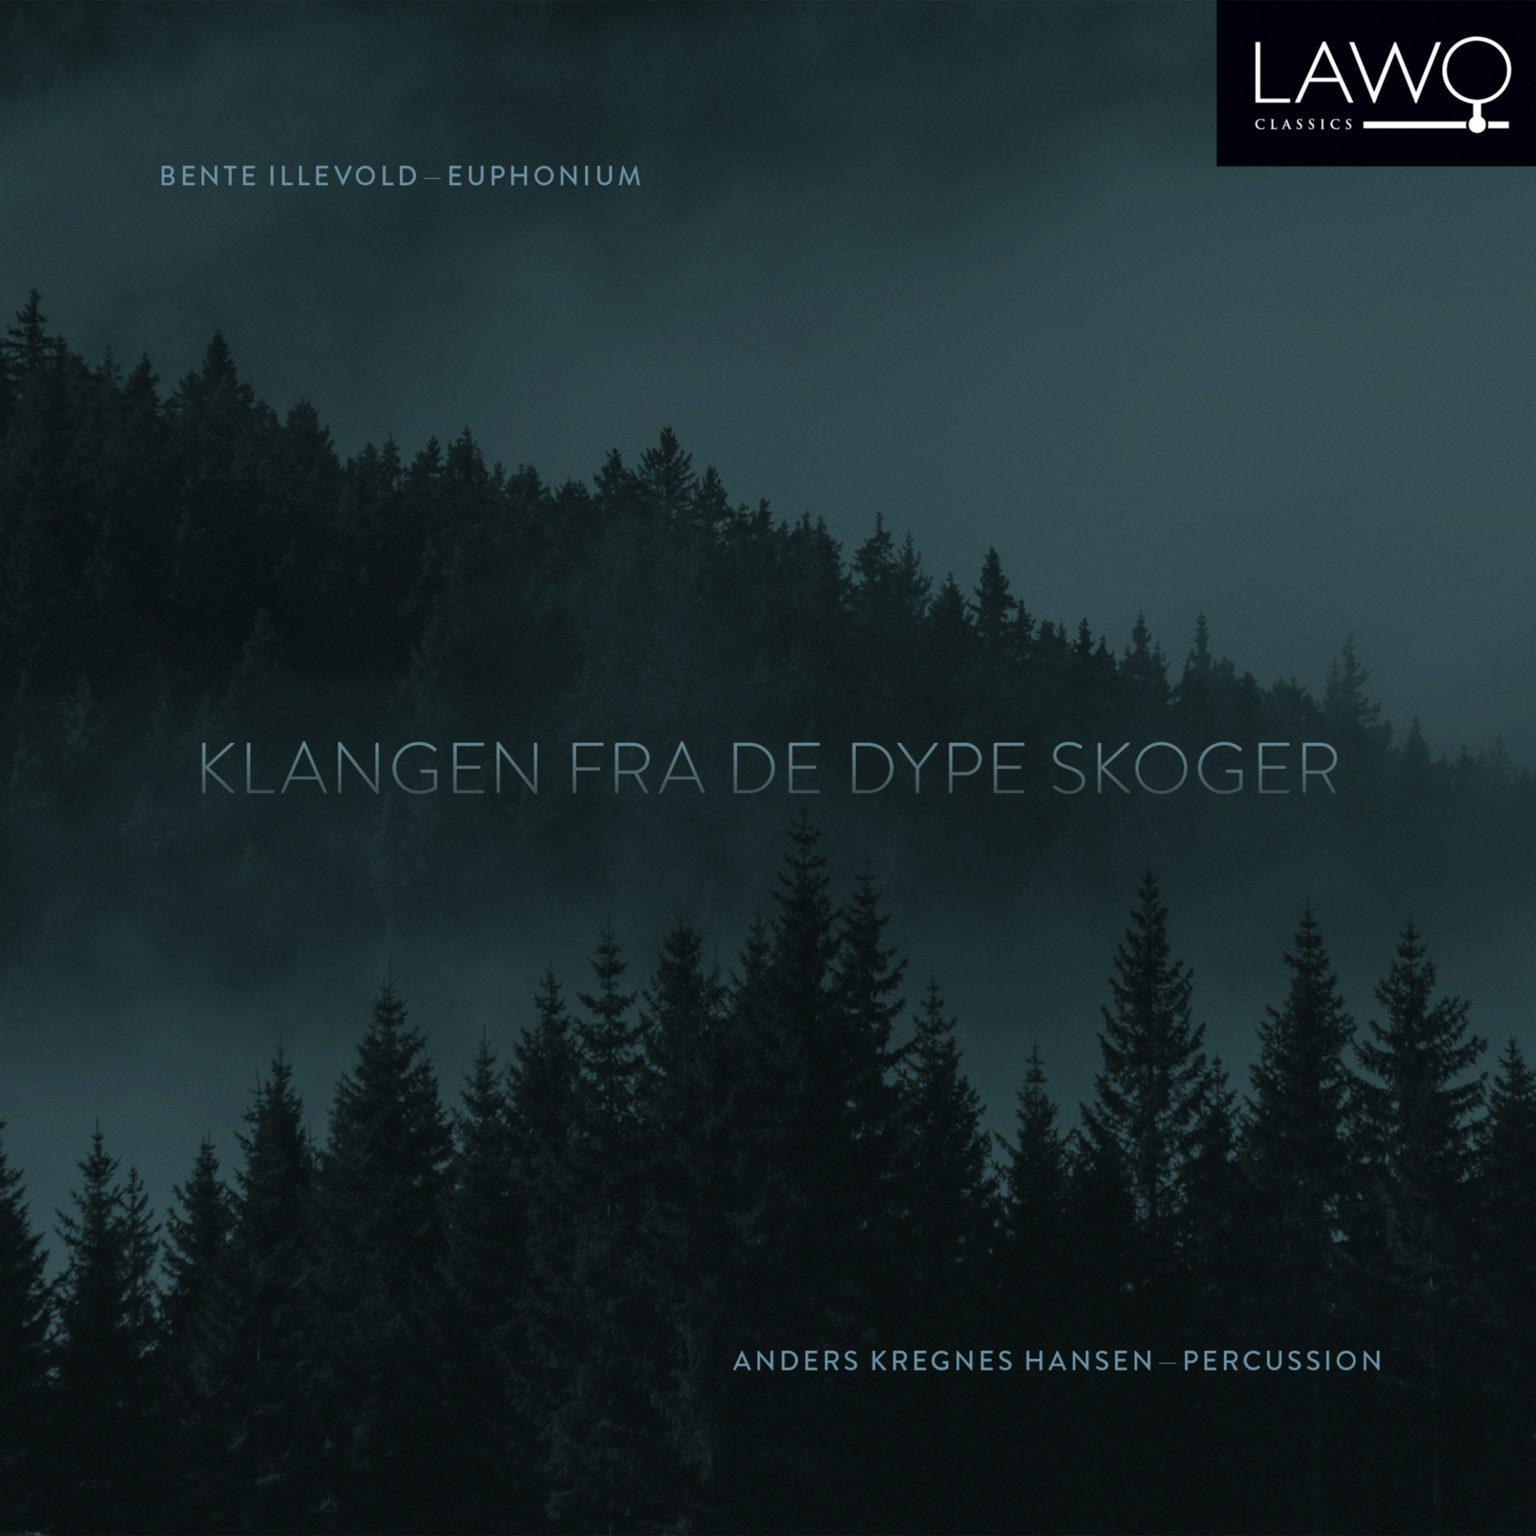 Click image for larger version.  Name:LWC1195_Bente_Illevold_Klangen_fra_de_dype_skoger_cover_3000x3000px-1536x1536.jpg Views:141 Size:174.8 KB ID:7720